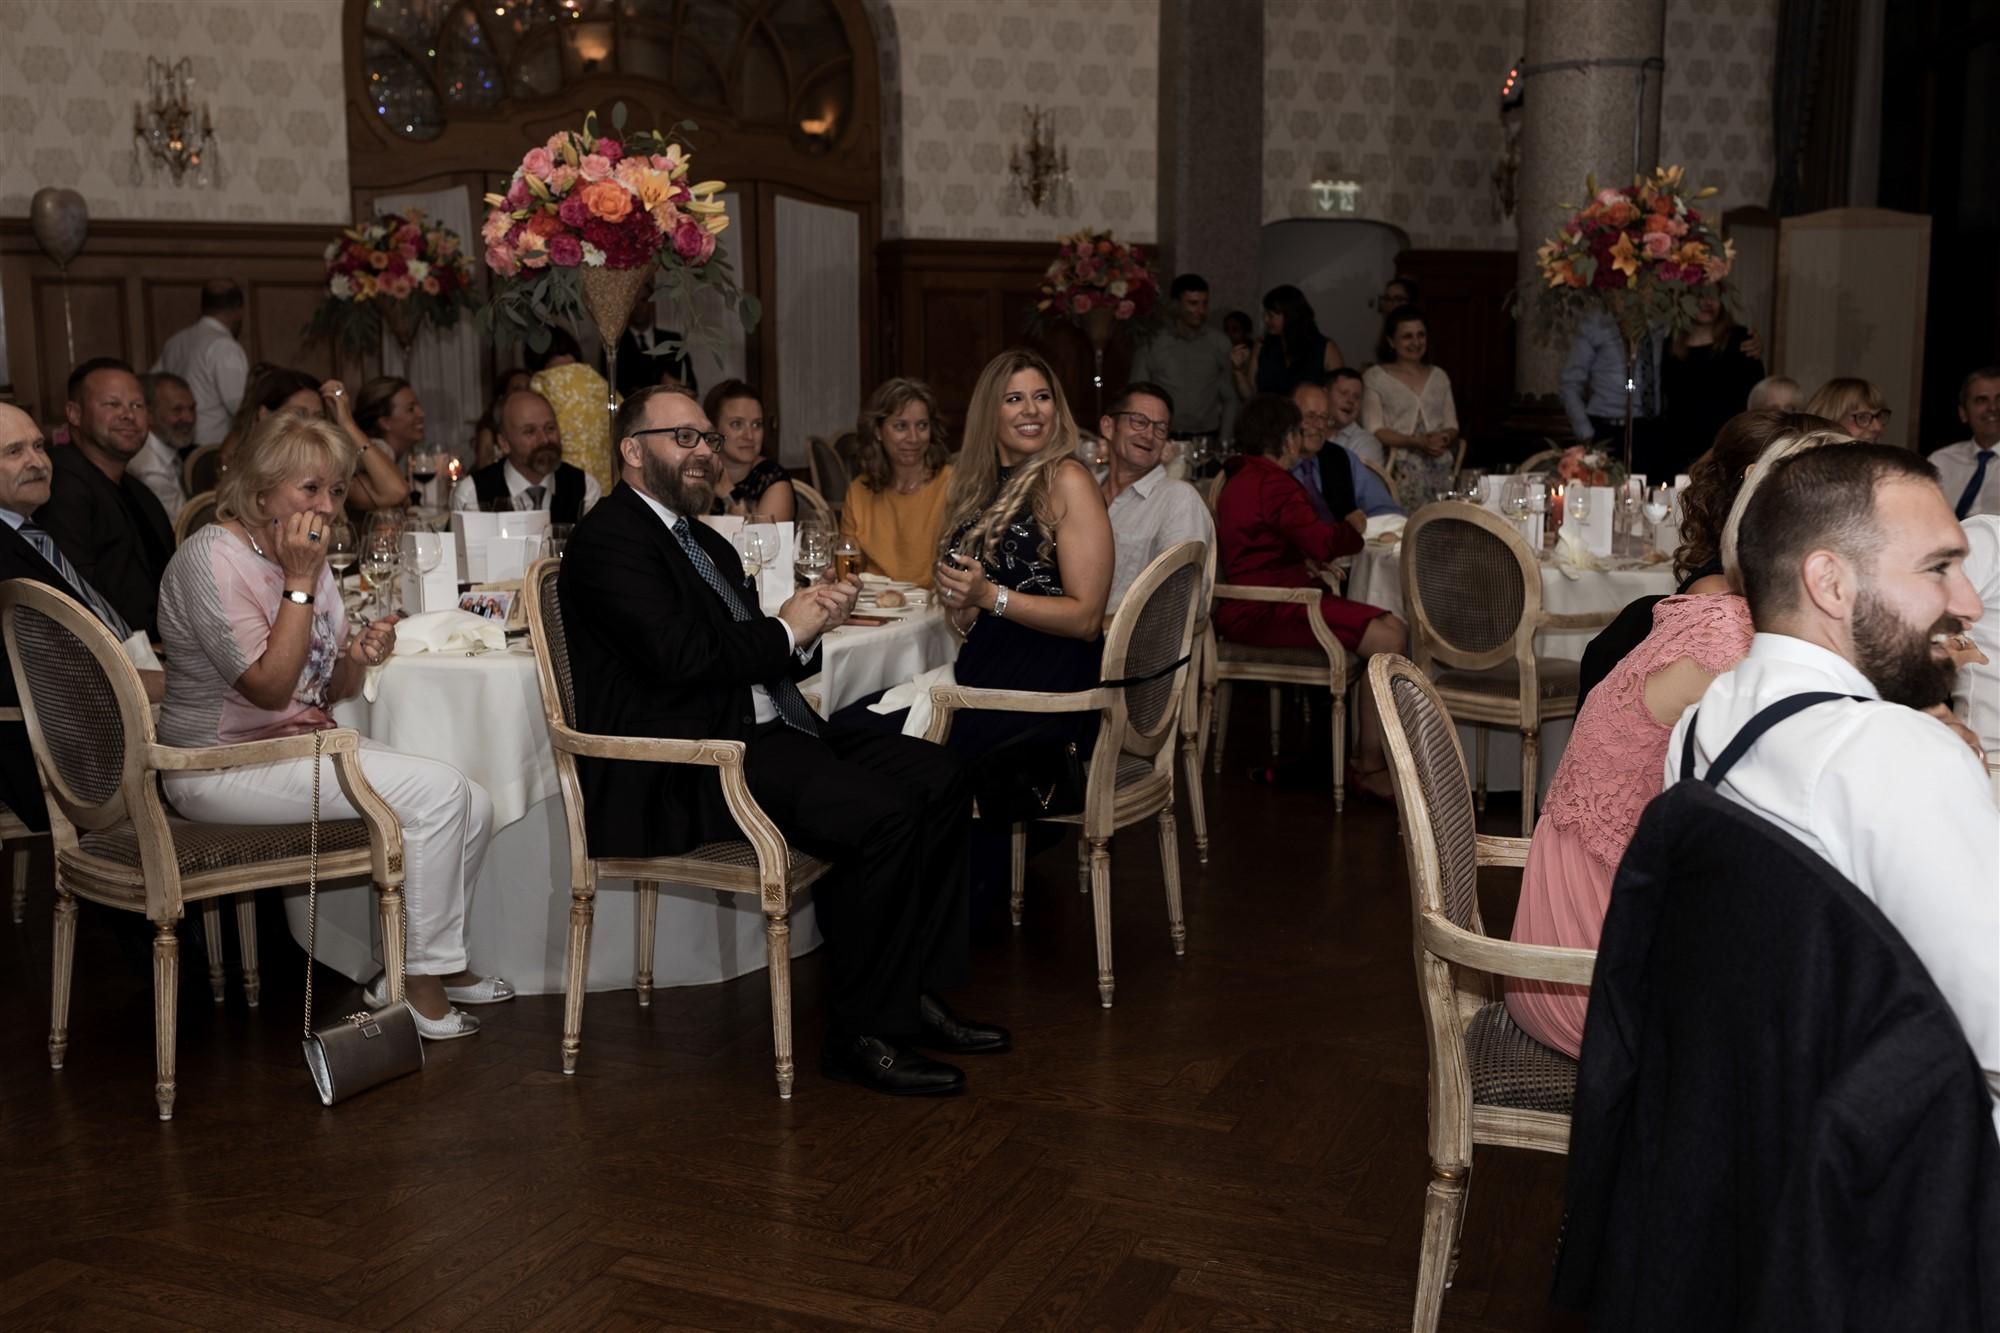 Das Hochzeitsfest im Grand Hotel Les Trois Rois - Location - Applaus der Gäste - Hochzeitsfotograf Basel